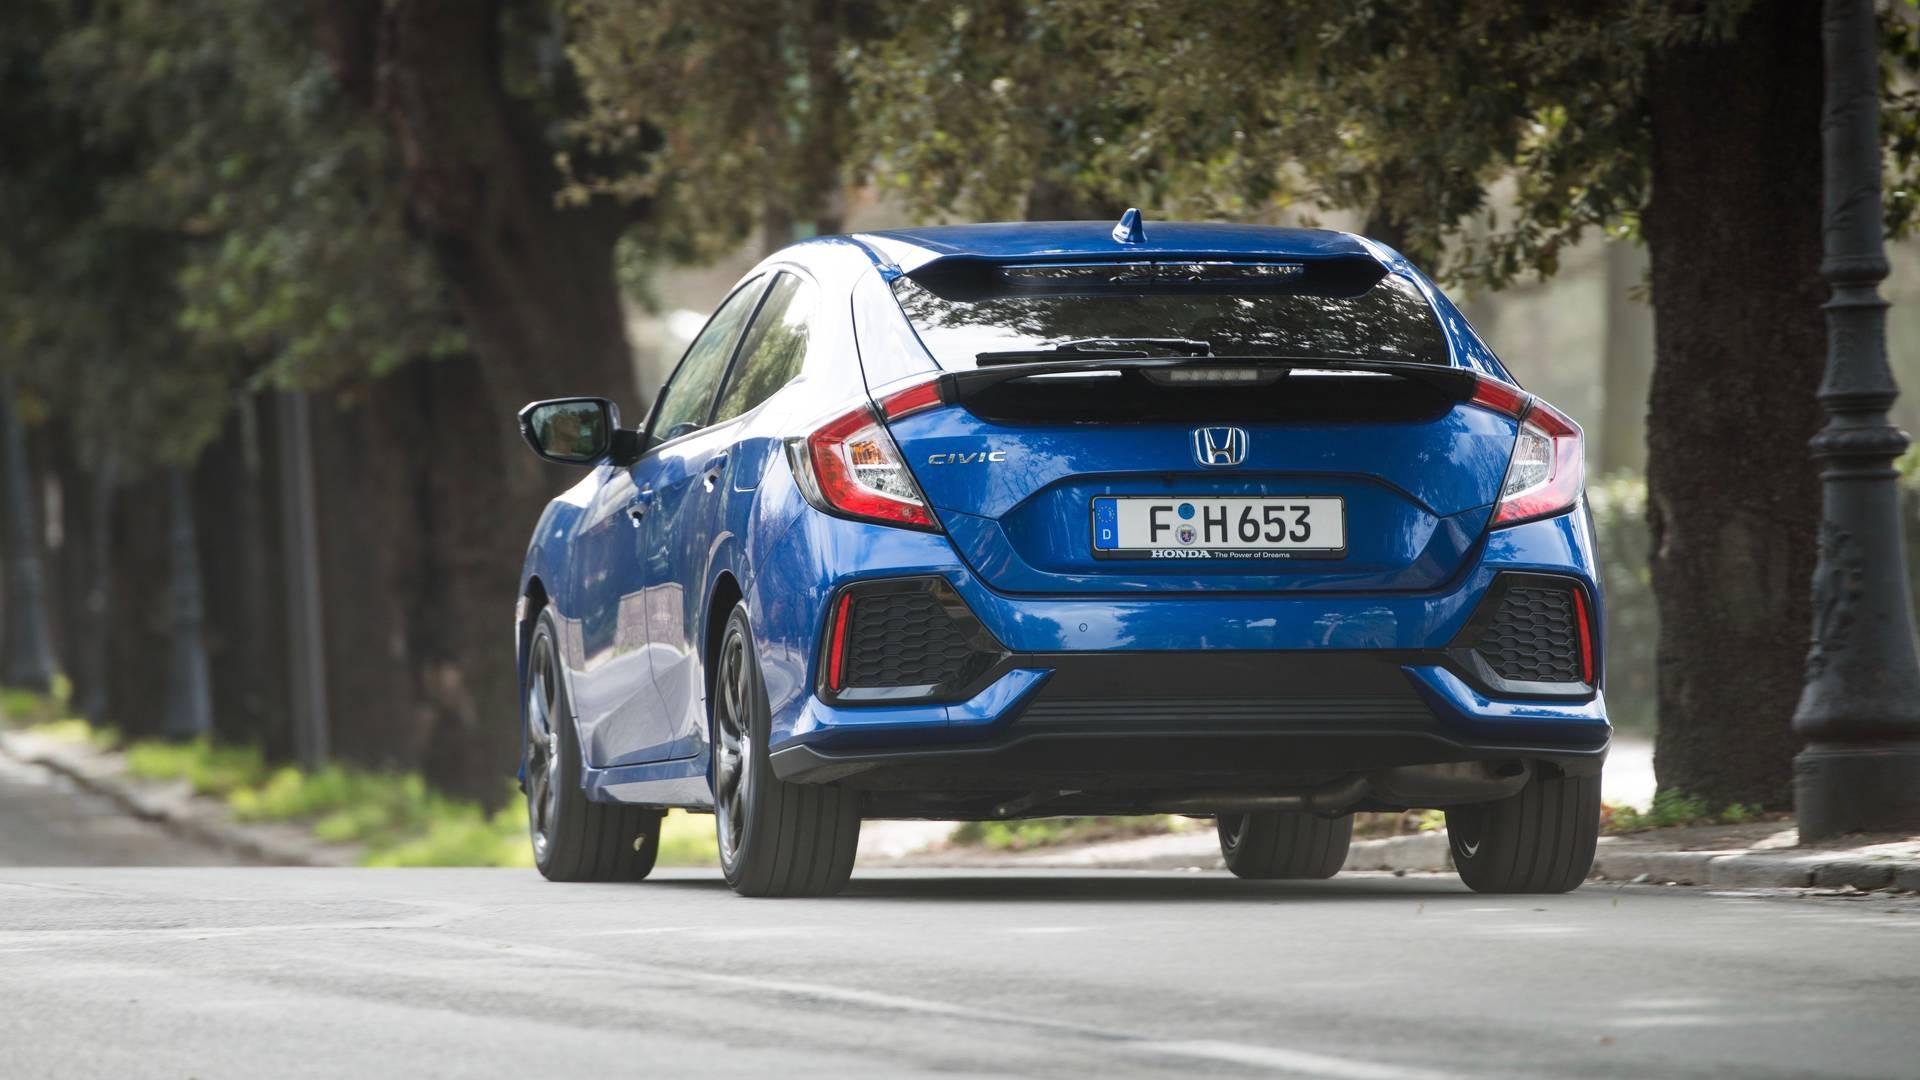 Honda Civic Sedan Ve Hbin Dizel Otomatik Fiyatları Belli Oldu